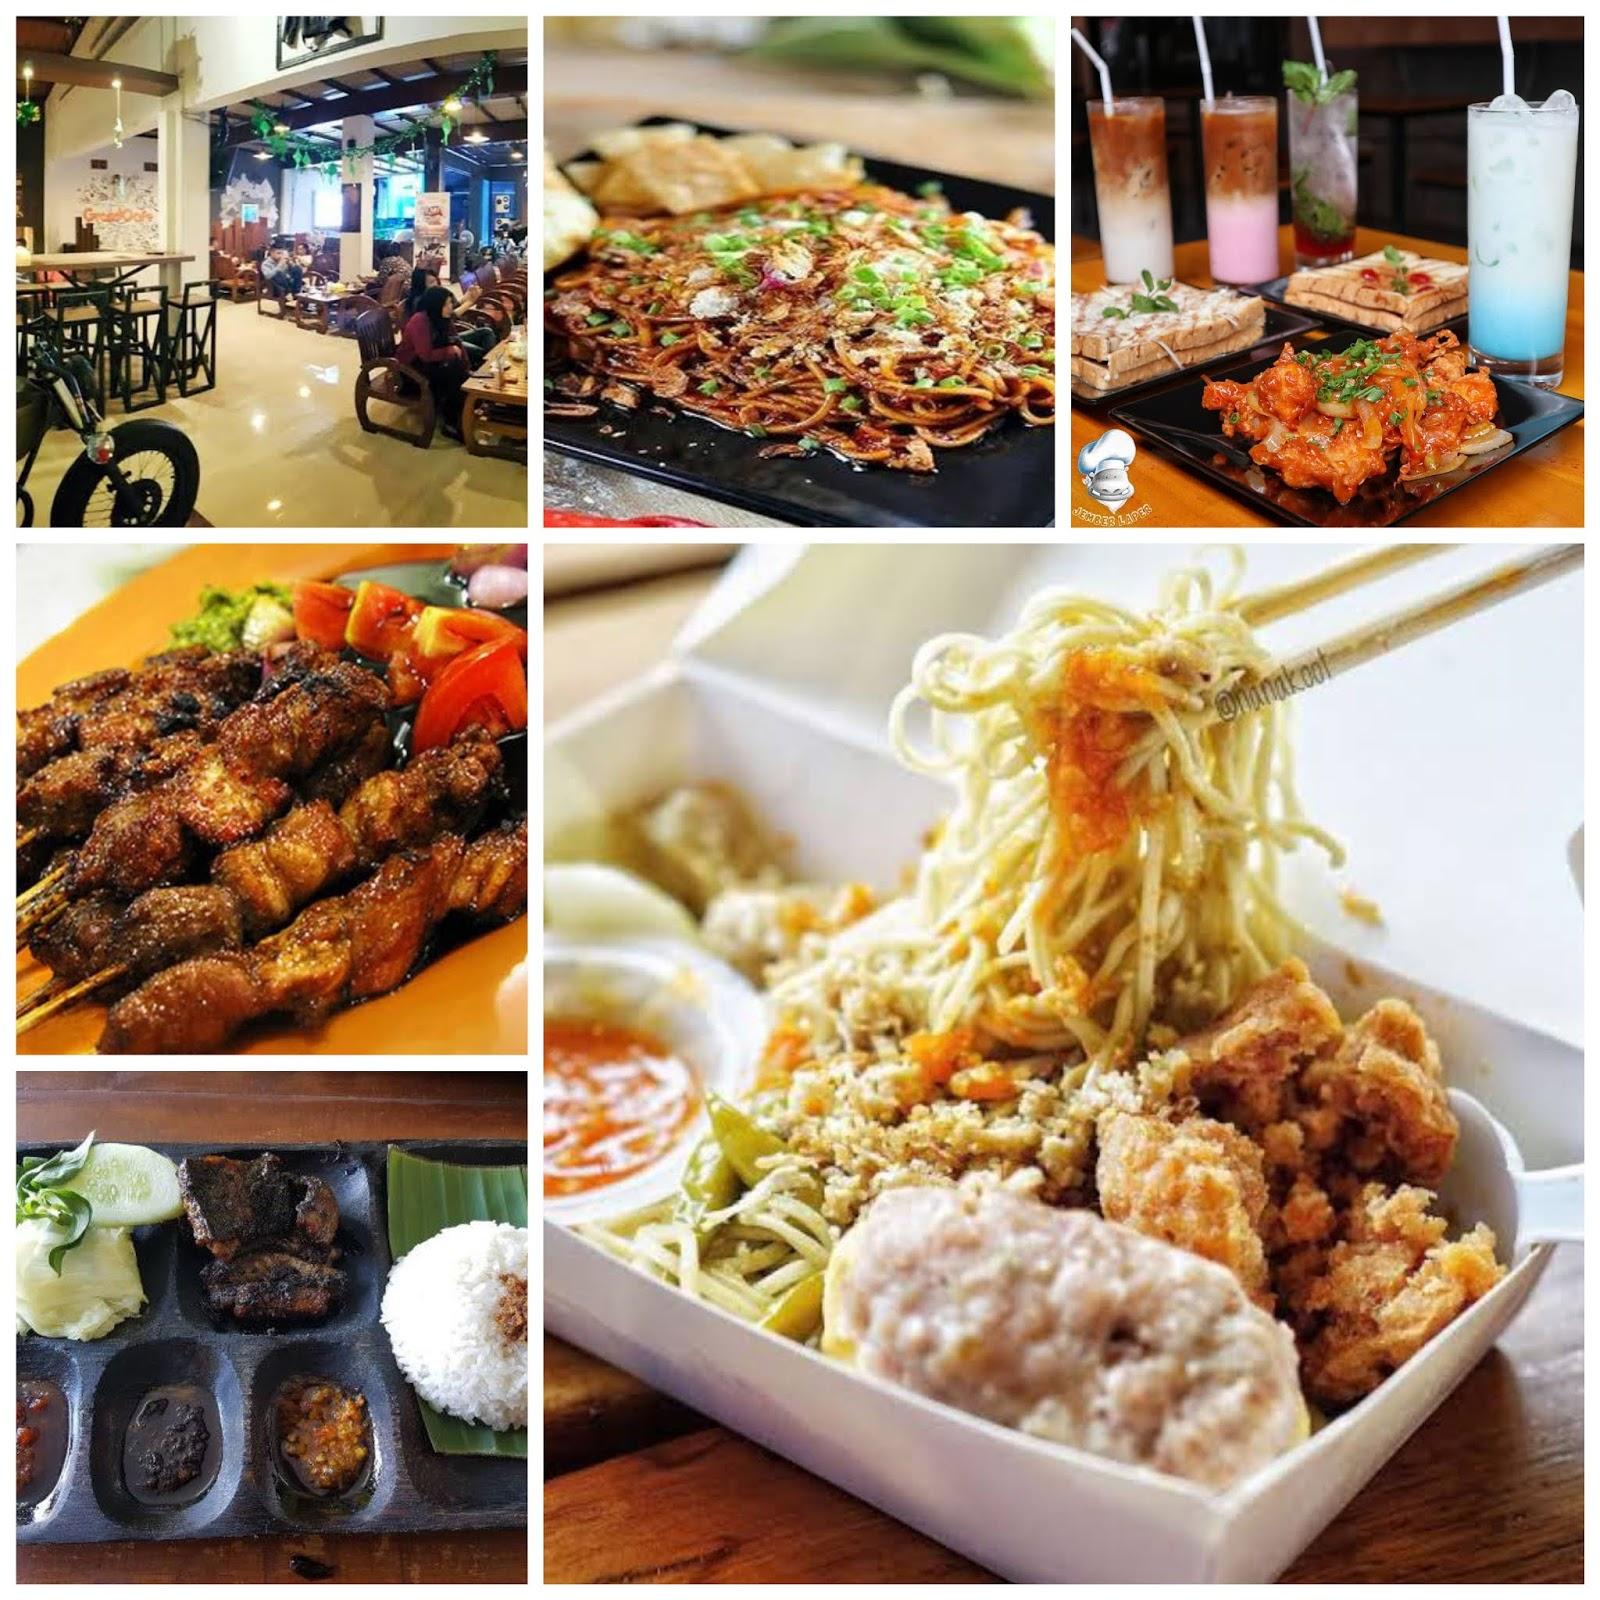 Top wisata kuliner enak di Jember